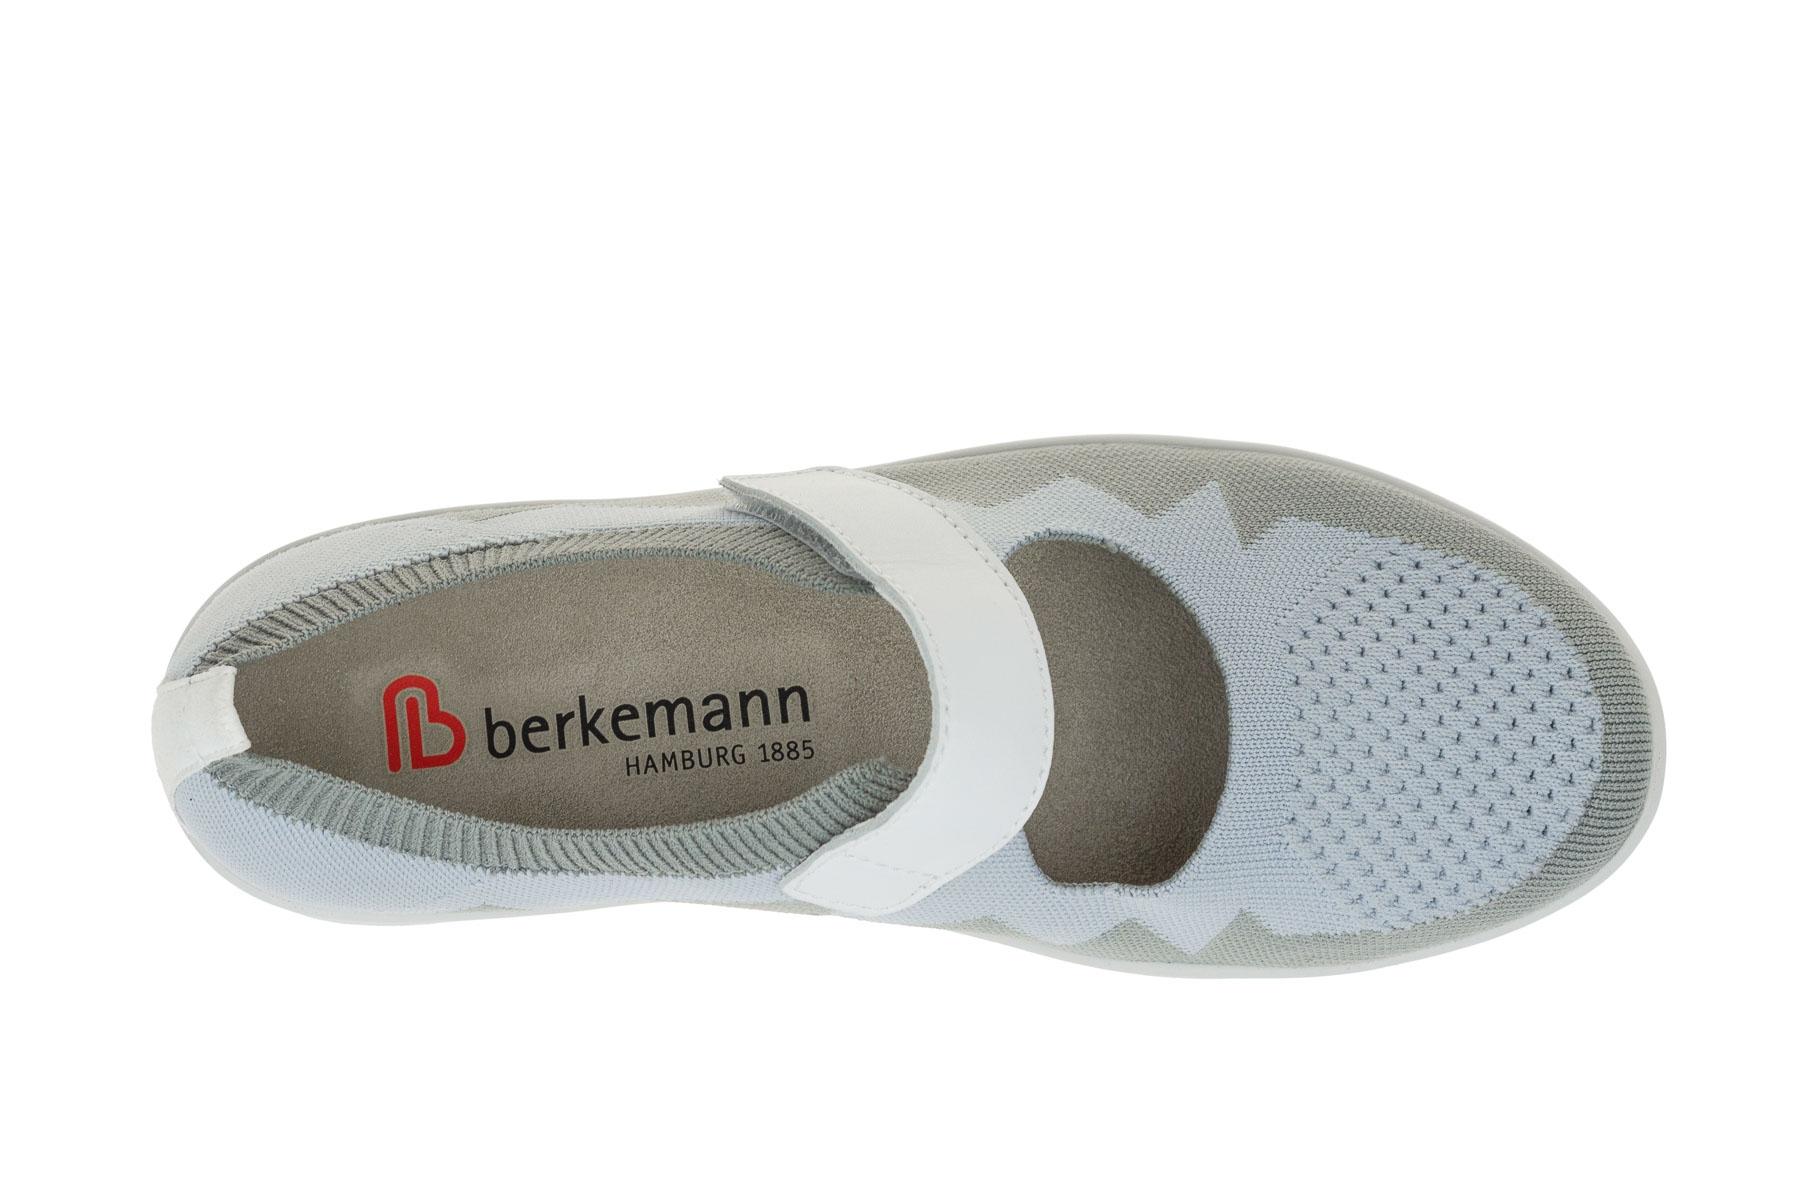 Berkemann Danja 05163 032 damskie półbuty